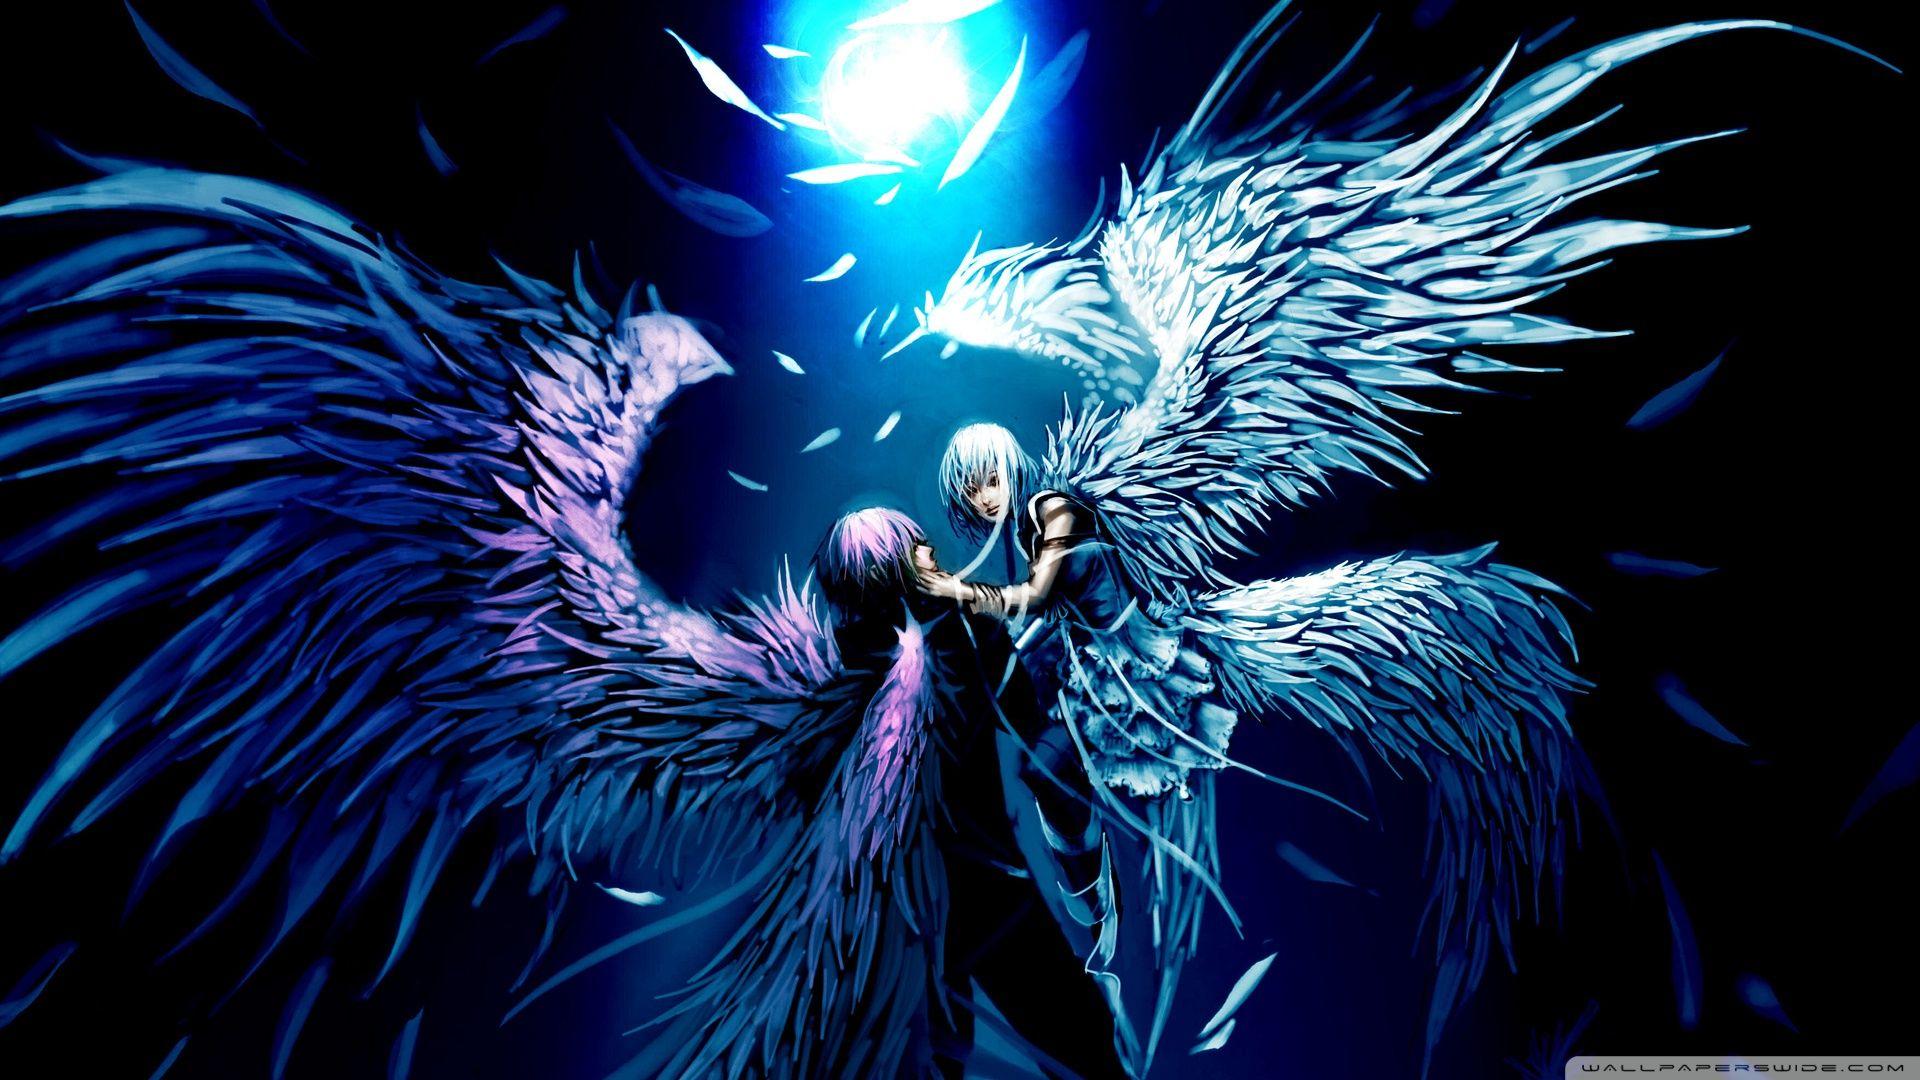 Anime wallpaper 1920x1080 46846 Anime angel, Animasi